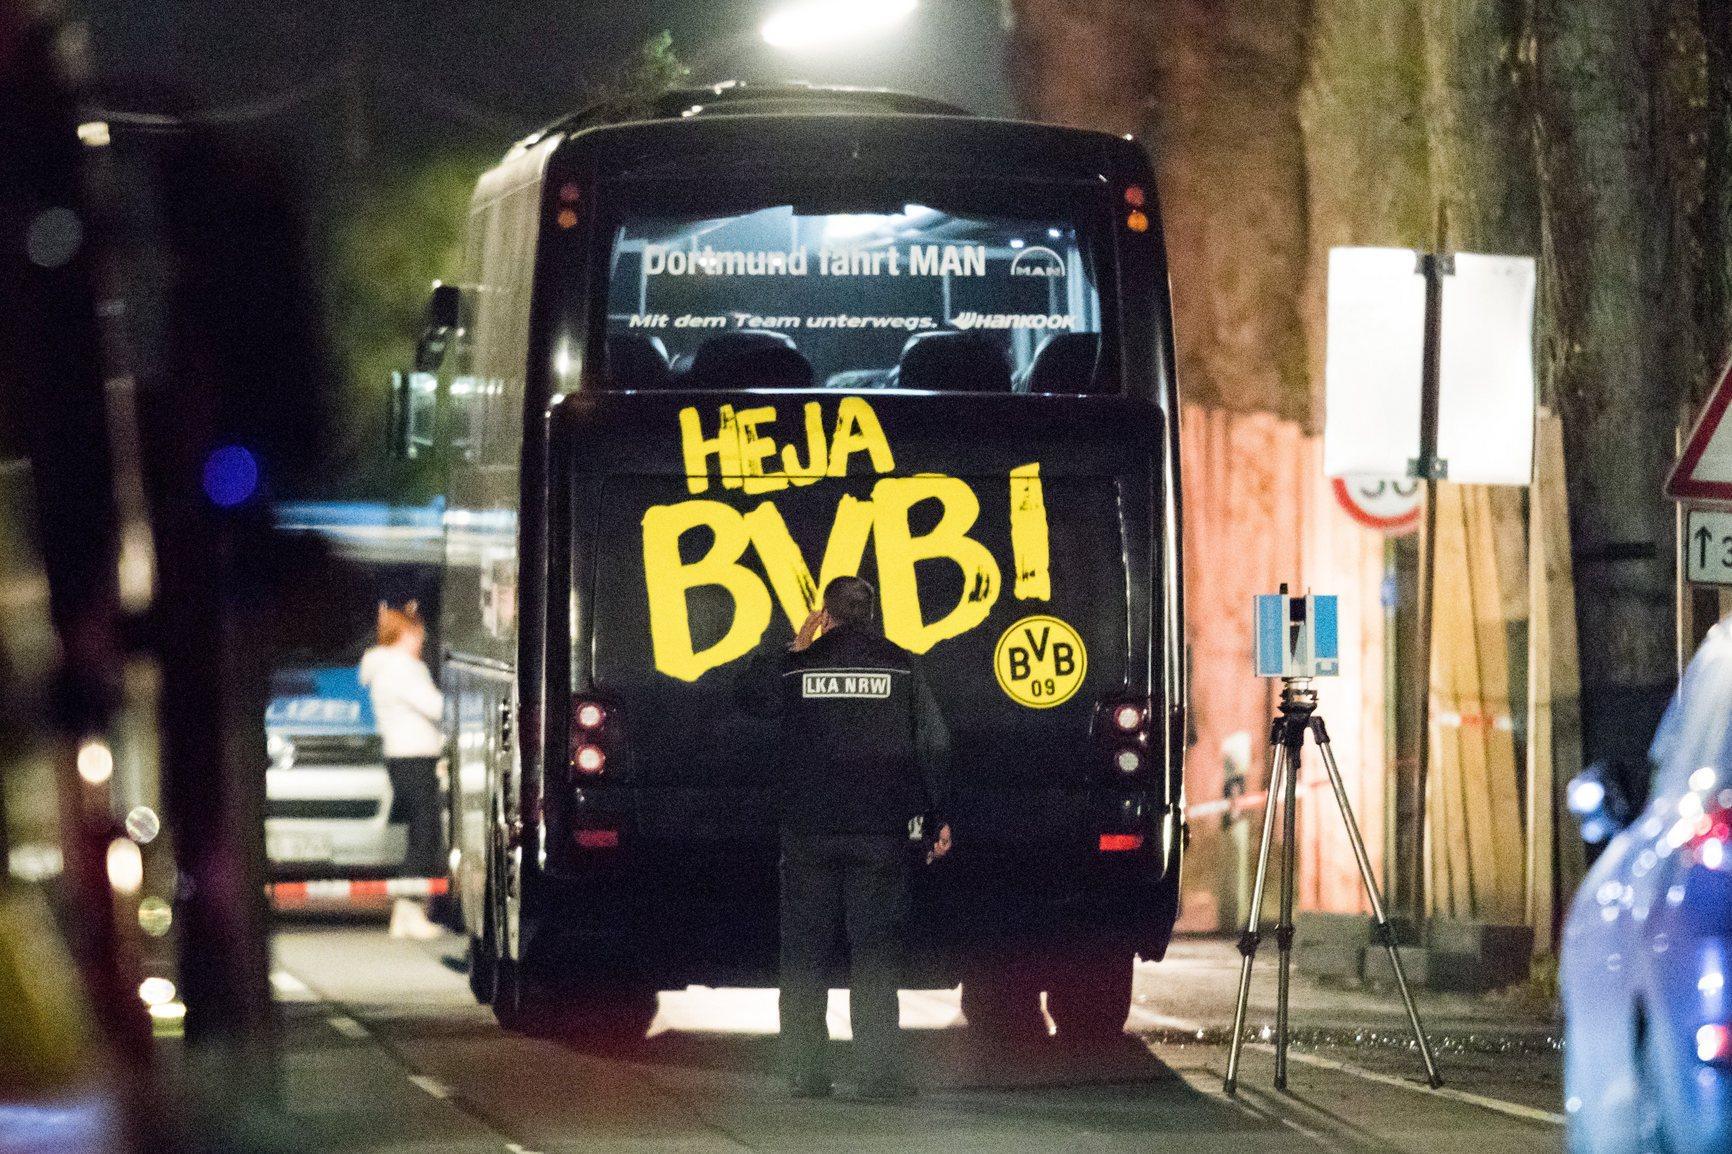 Nach Bus-Anschlag: BVB begrüßt Ermittlungserfolge